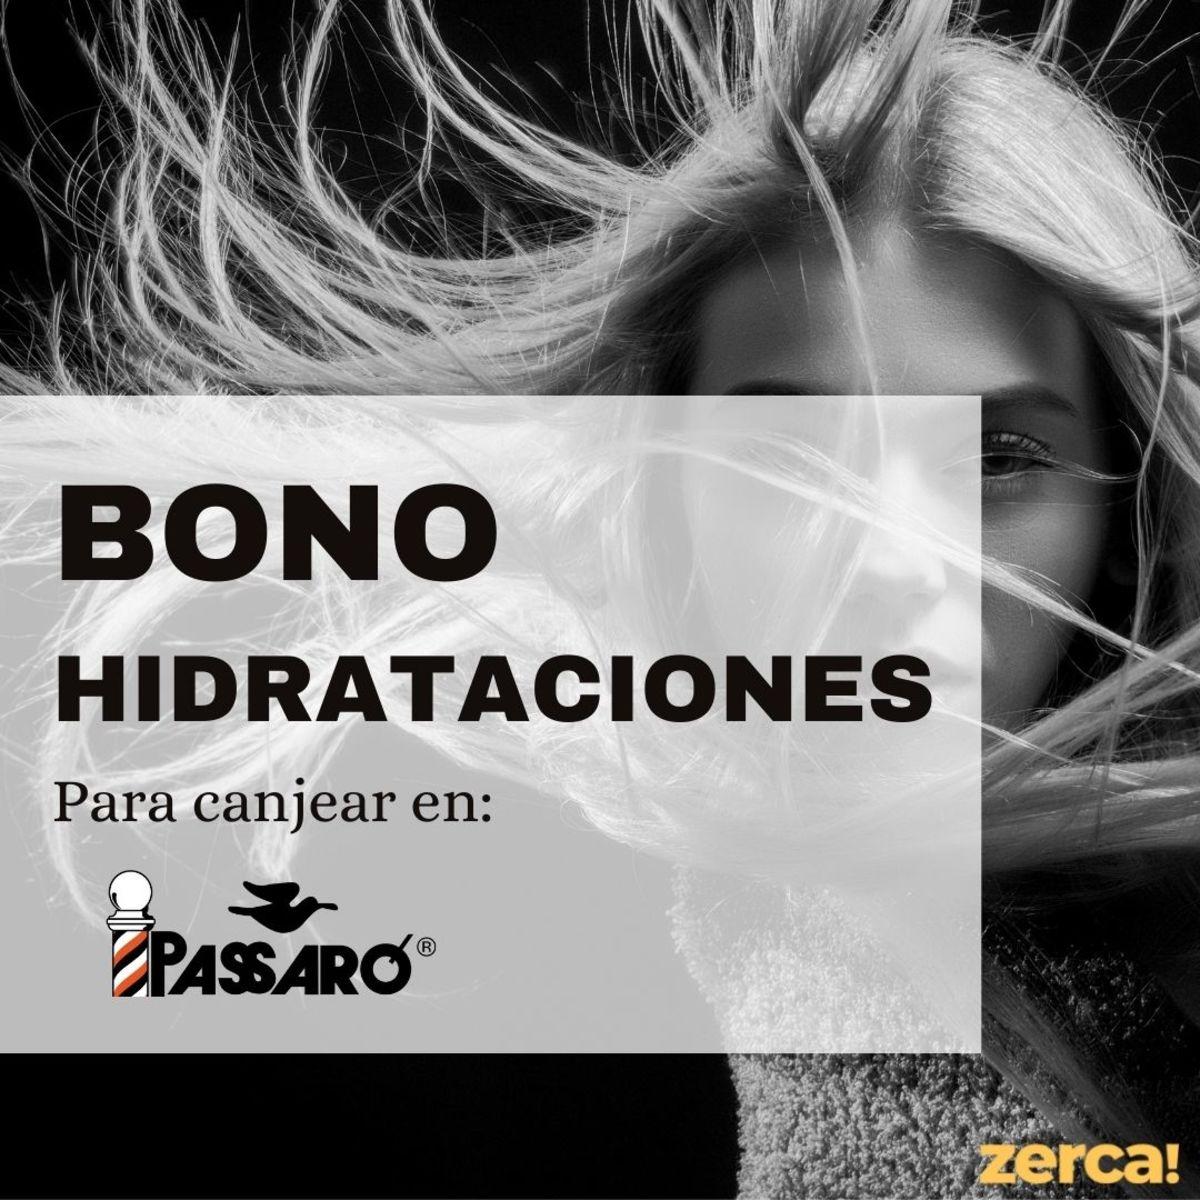 Bono hidratación PARA CANJEAR EN PASSARÓ PLAZA SAN BRIZ